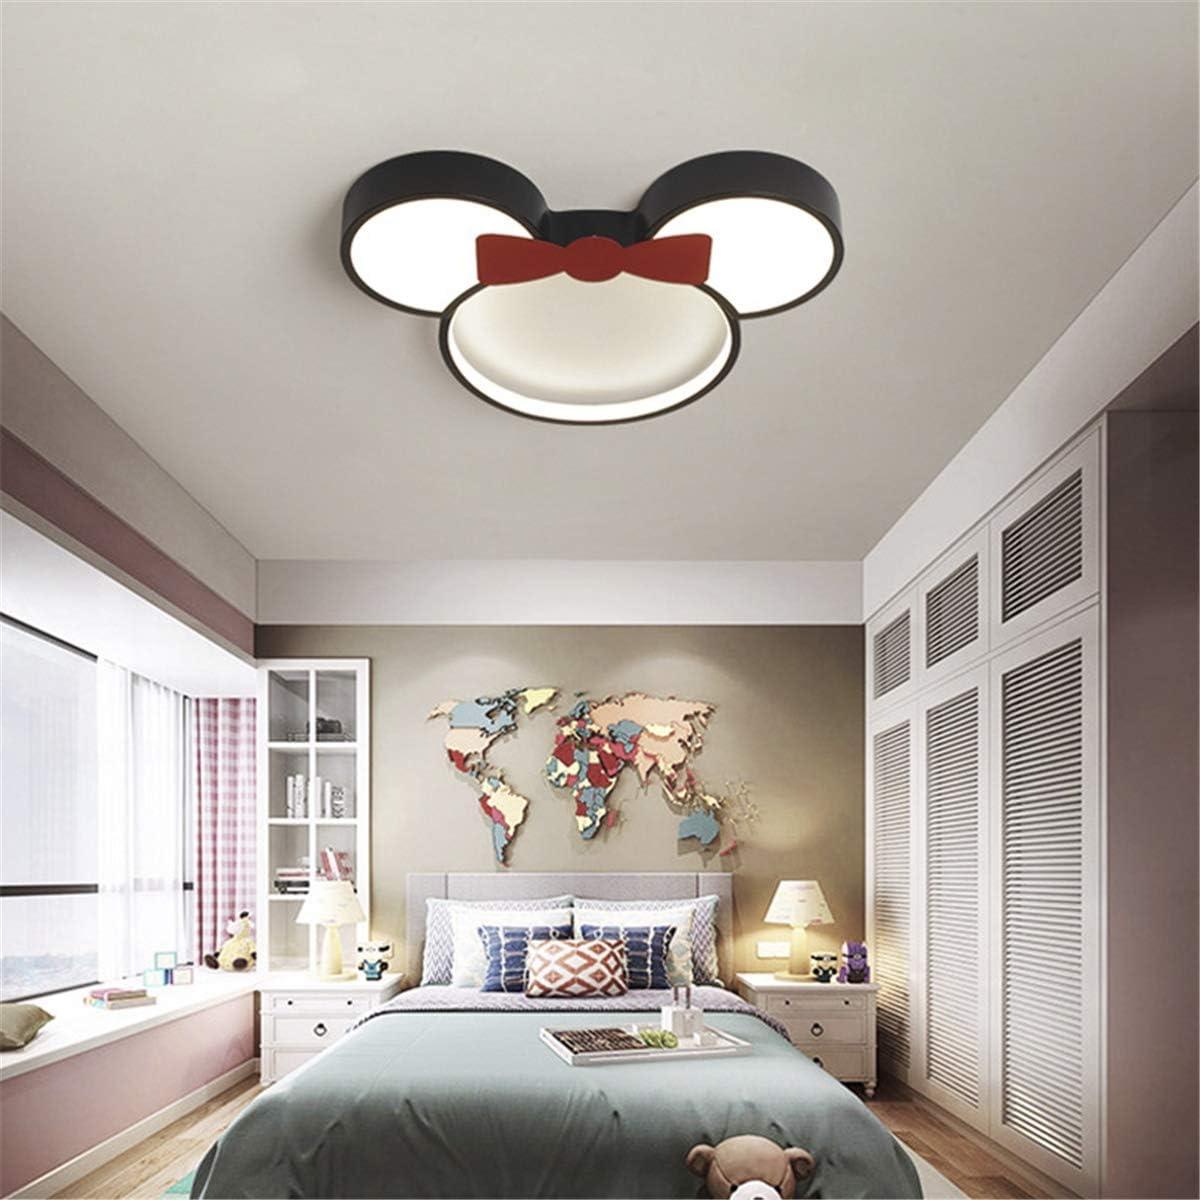 LBMY Kinderdeckenleuchte LED-Deckenleuchte kreative Neue Dekoration Kinderzimmerlampe,A,D50*6cm